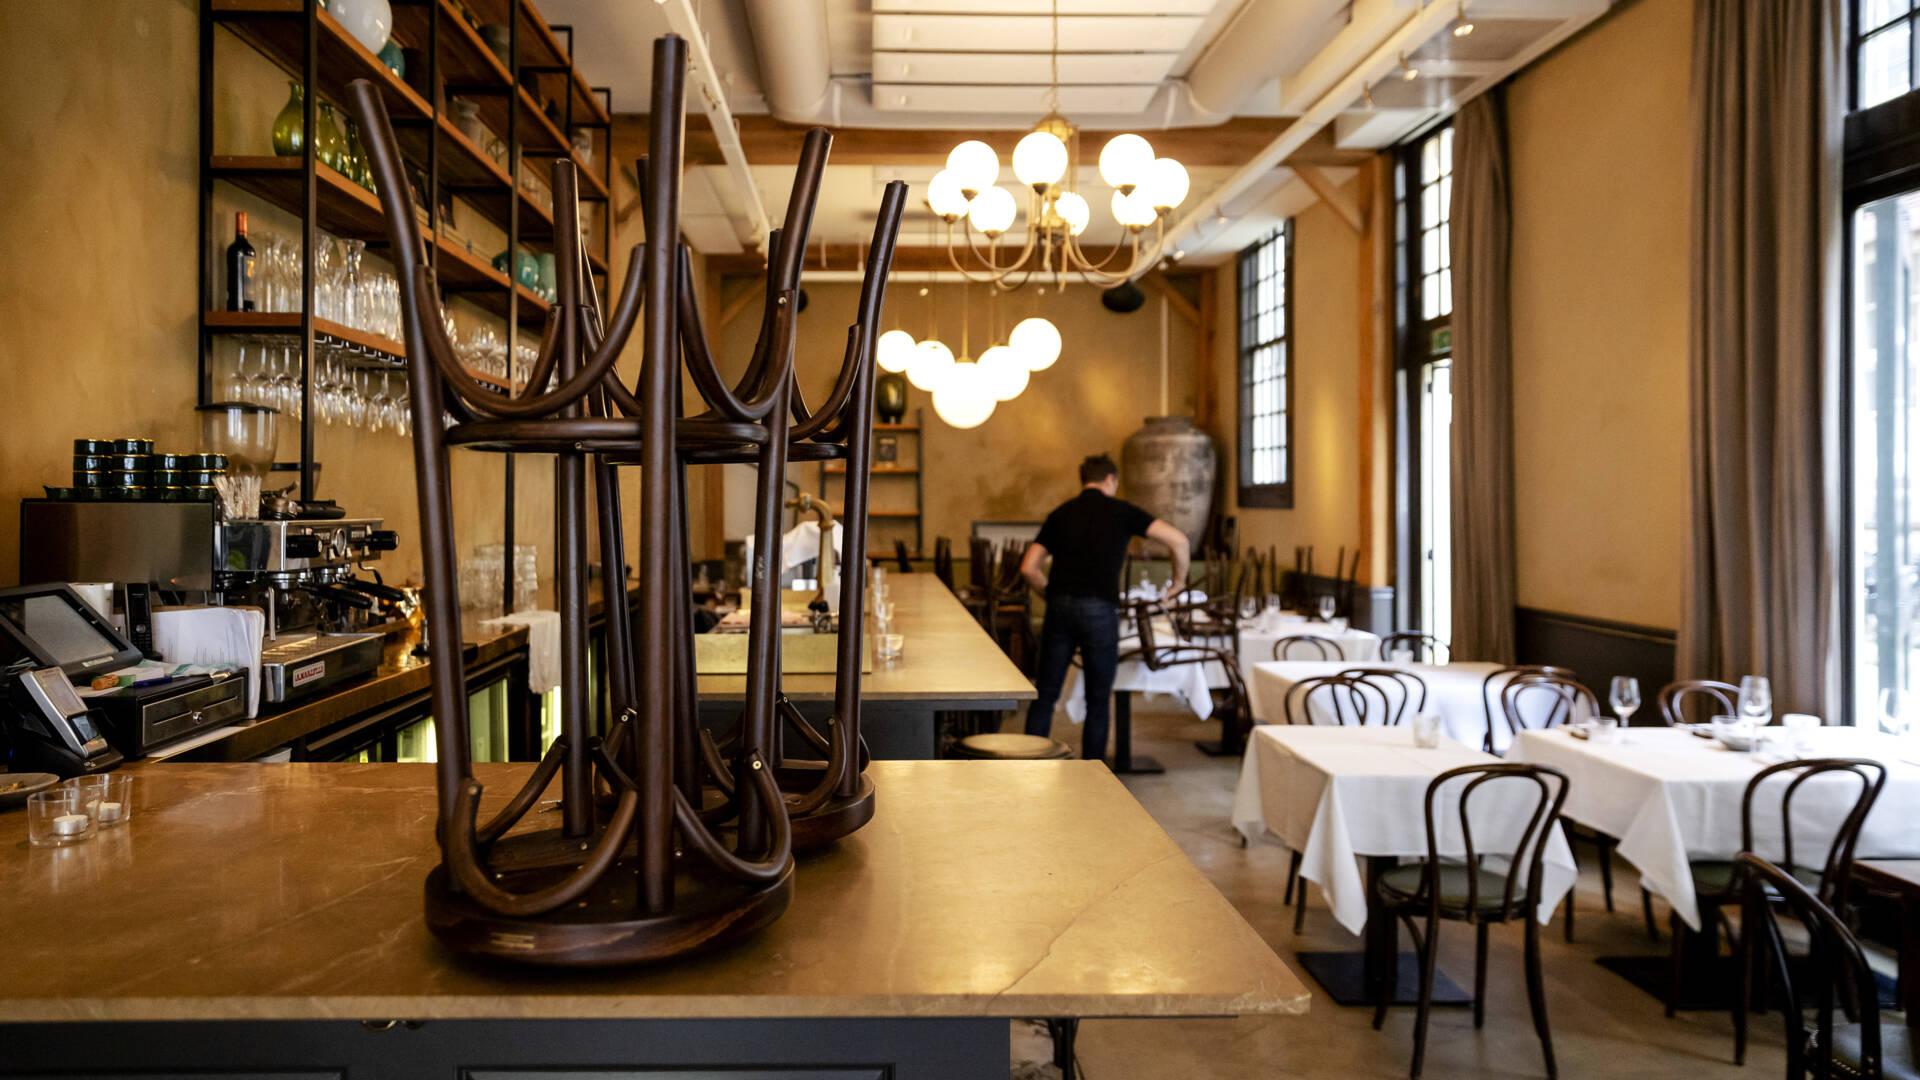 المحكمة ترفض الطلب الذي تقدم به أصحاب المطاعم: ستظل المطاعم مغلقة في الوقت الحالي